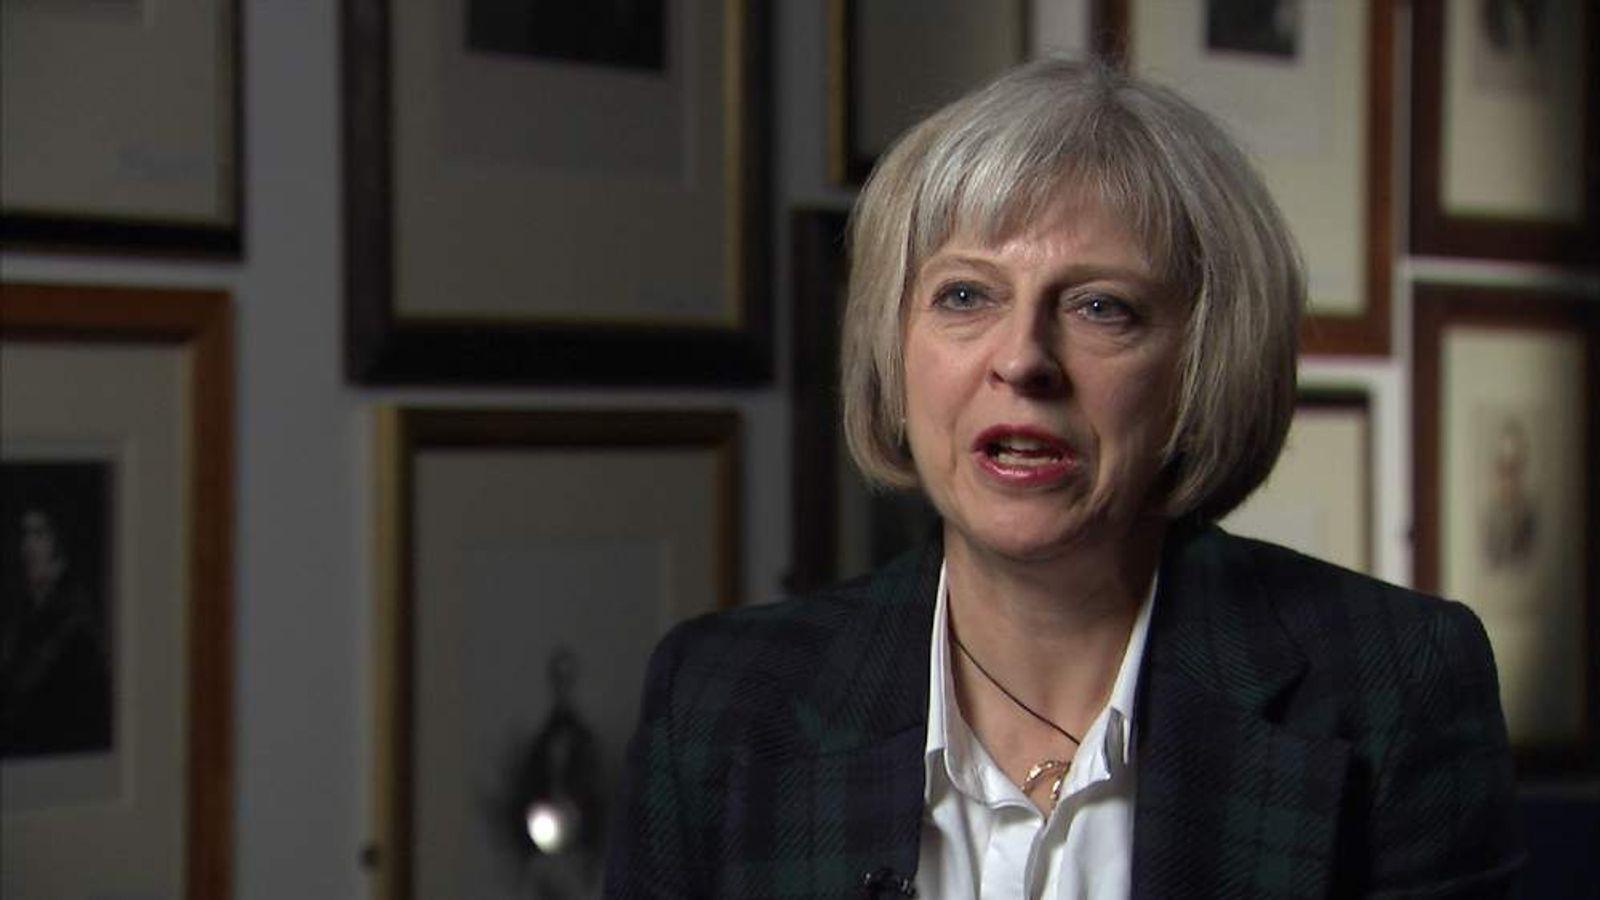 051214 SLAVERY Theresa May